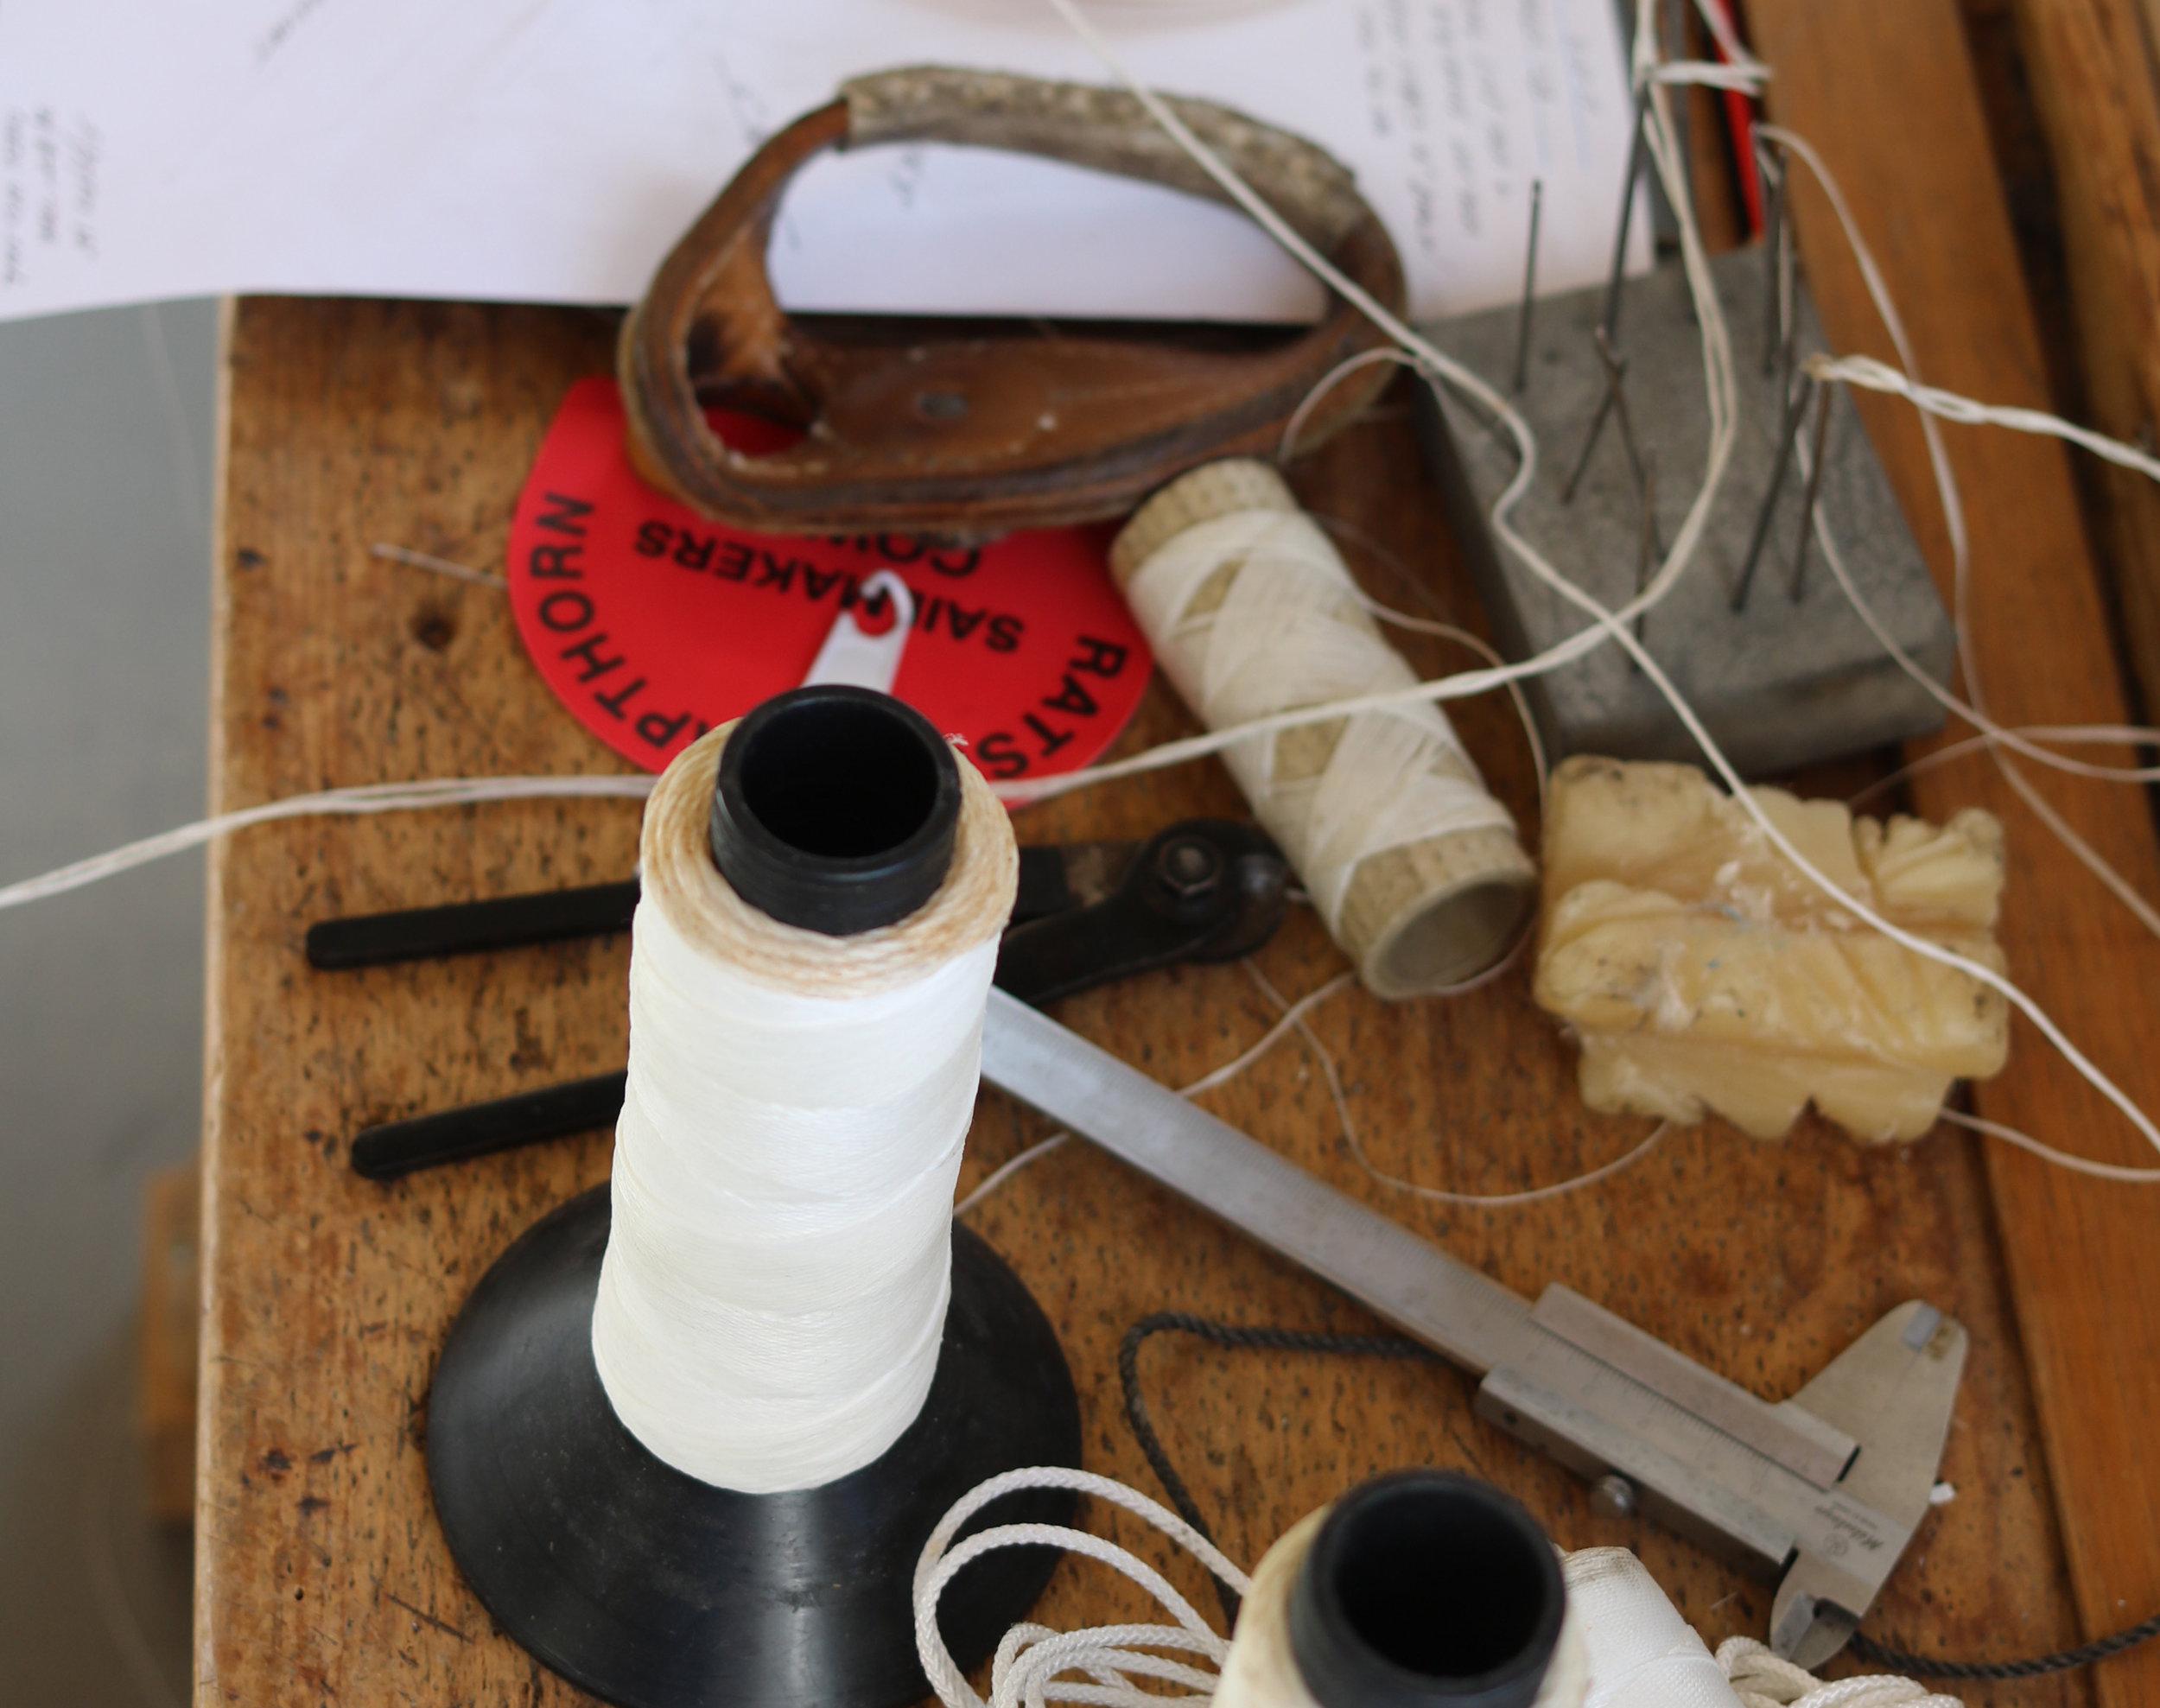 repair photo 2.jpg